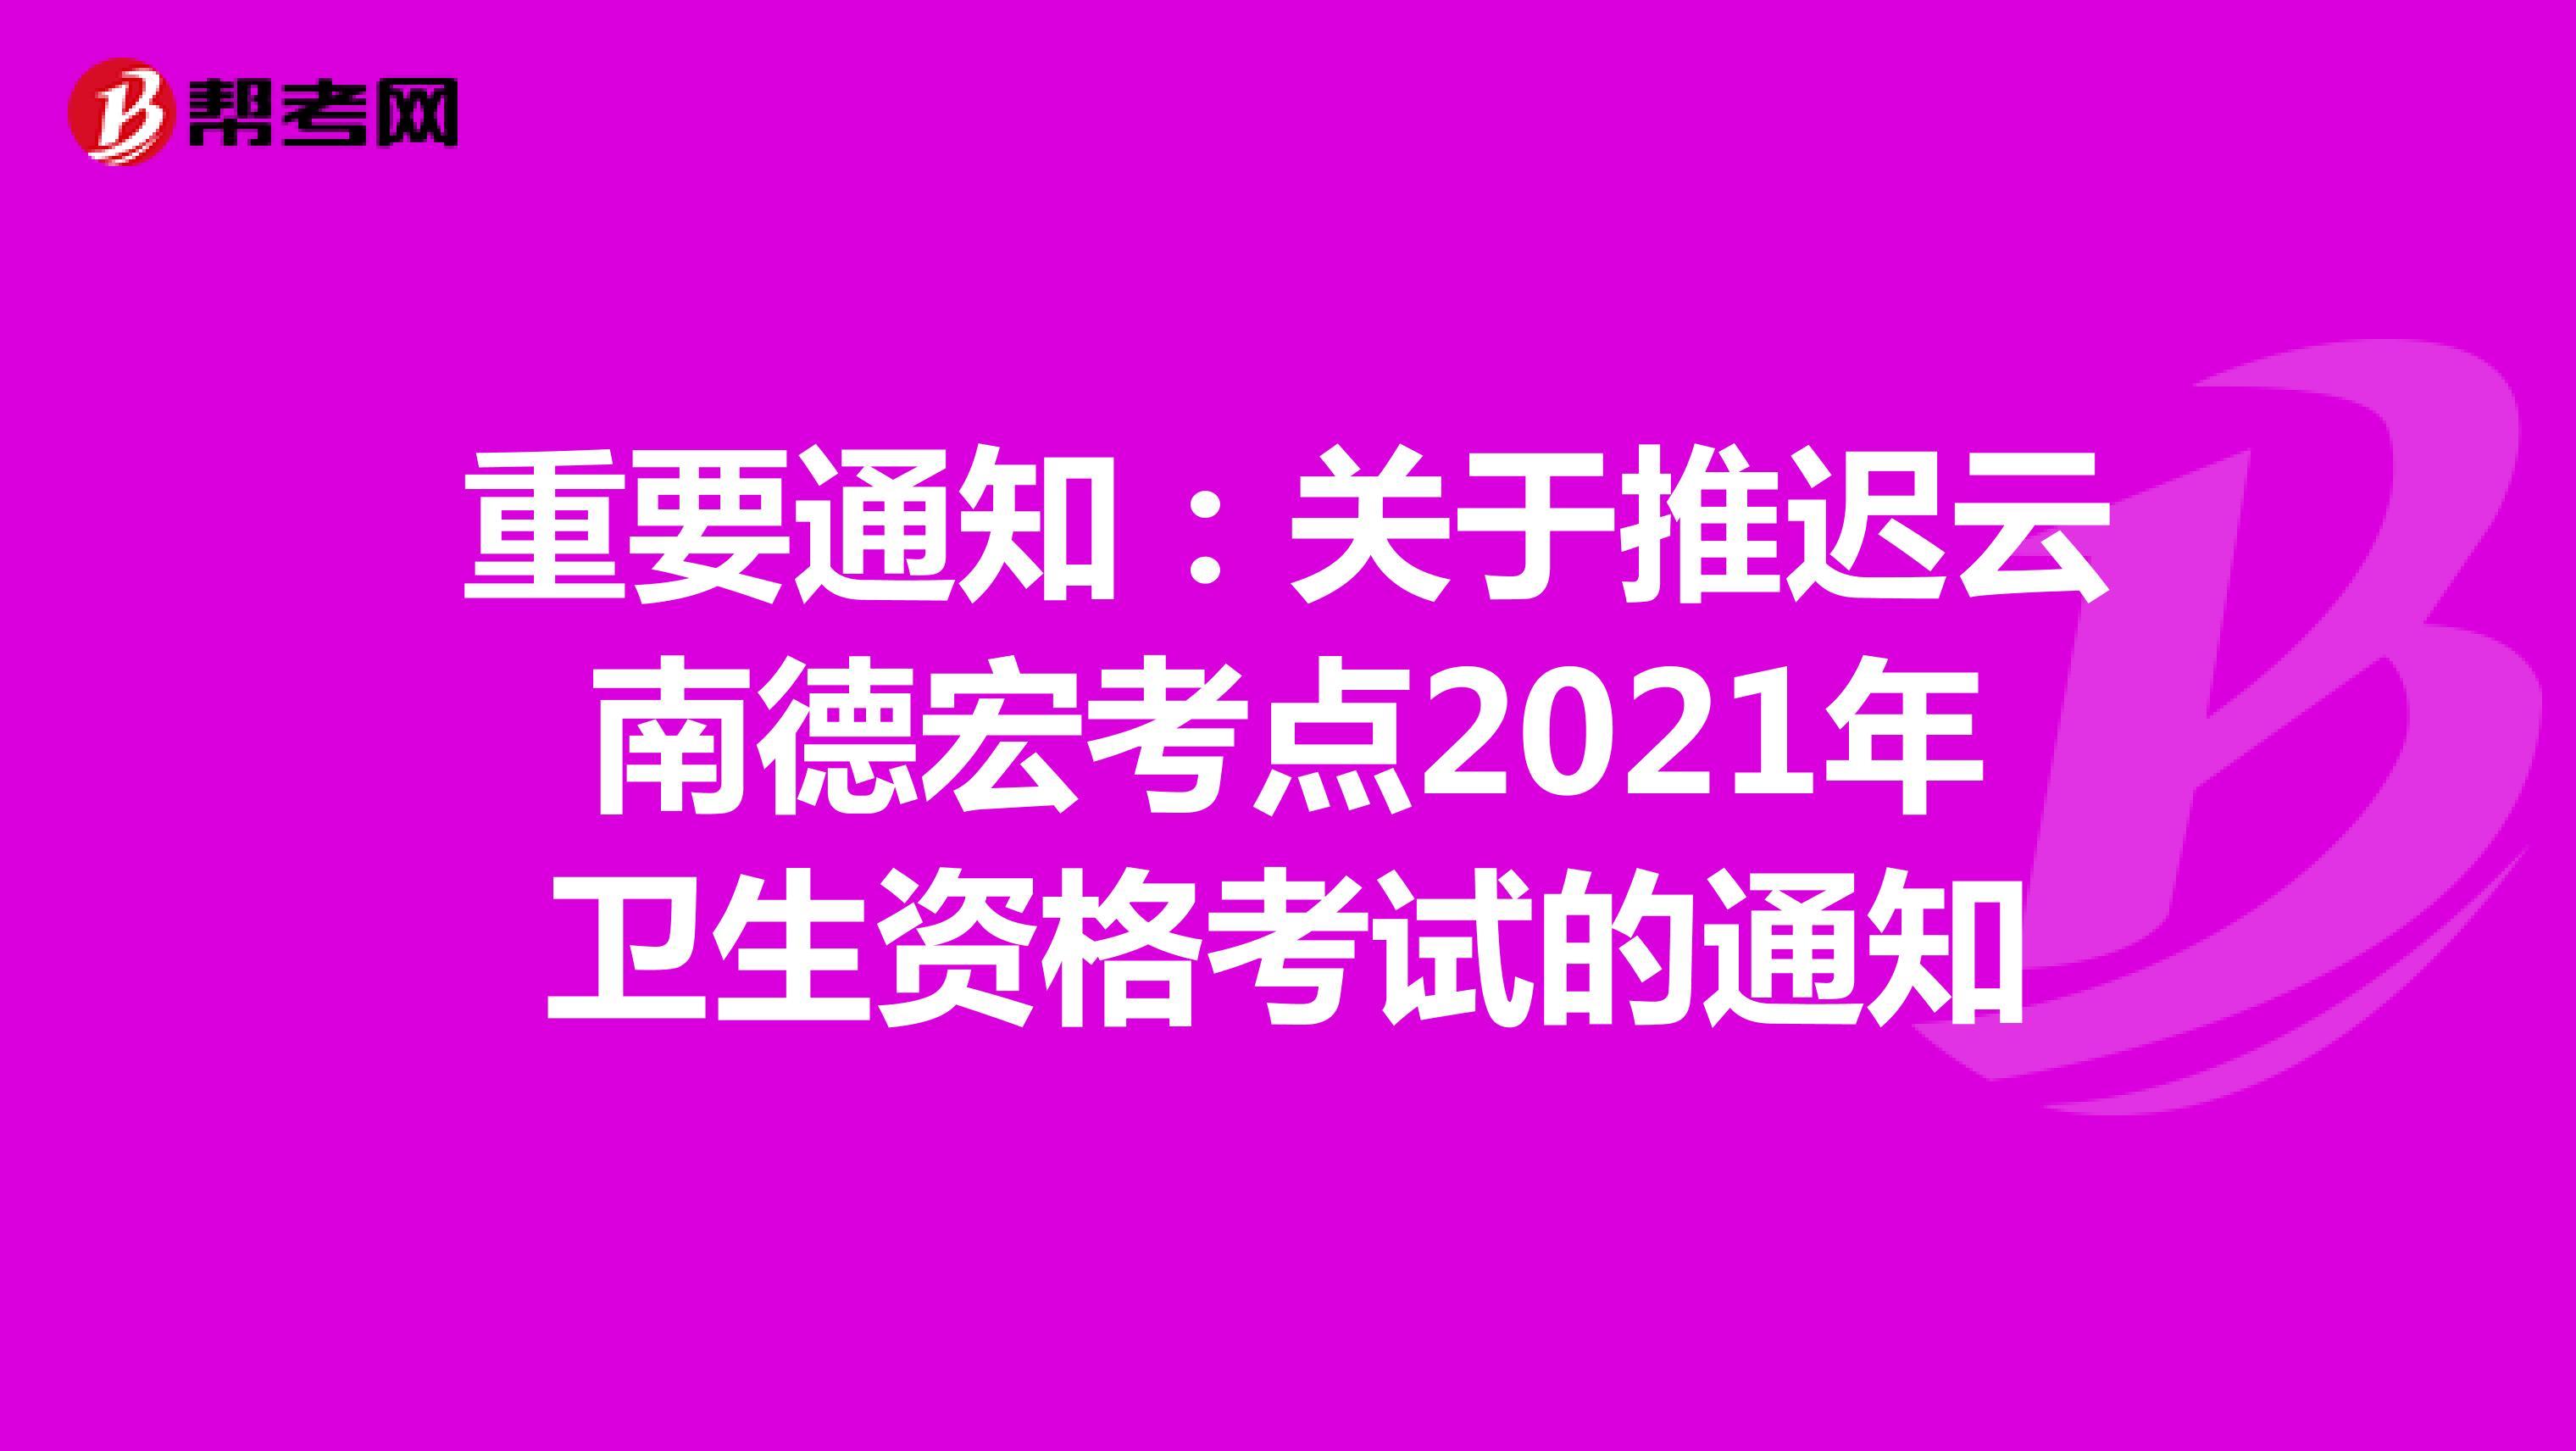 重要通知:关于推迟云南德宏考点2021年卫生资格考试的通知